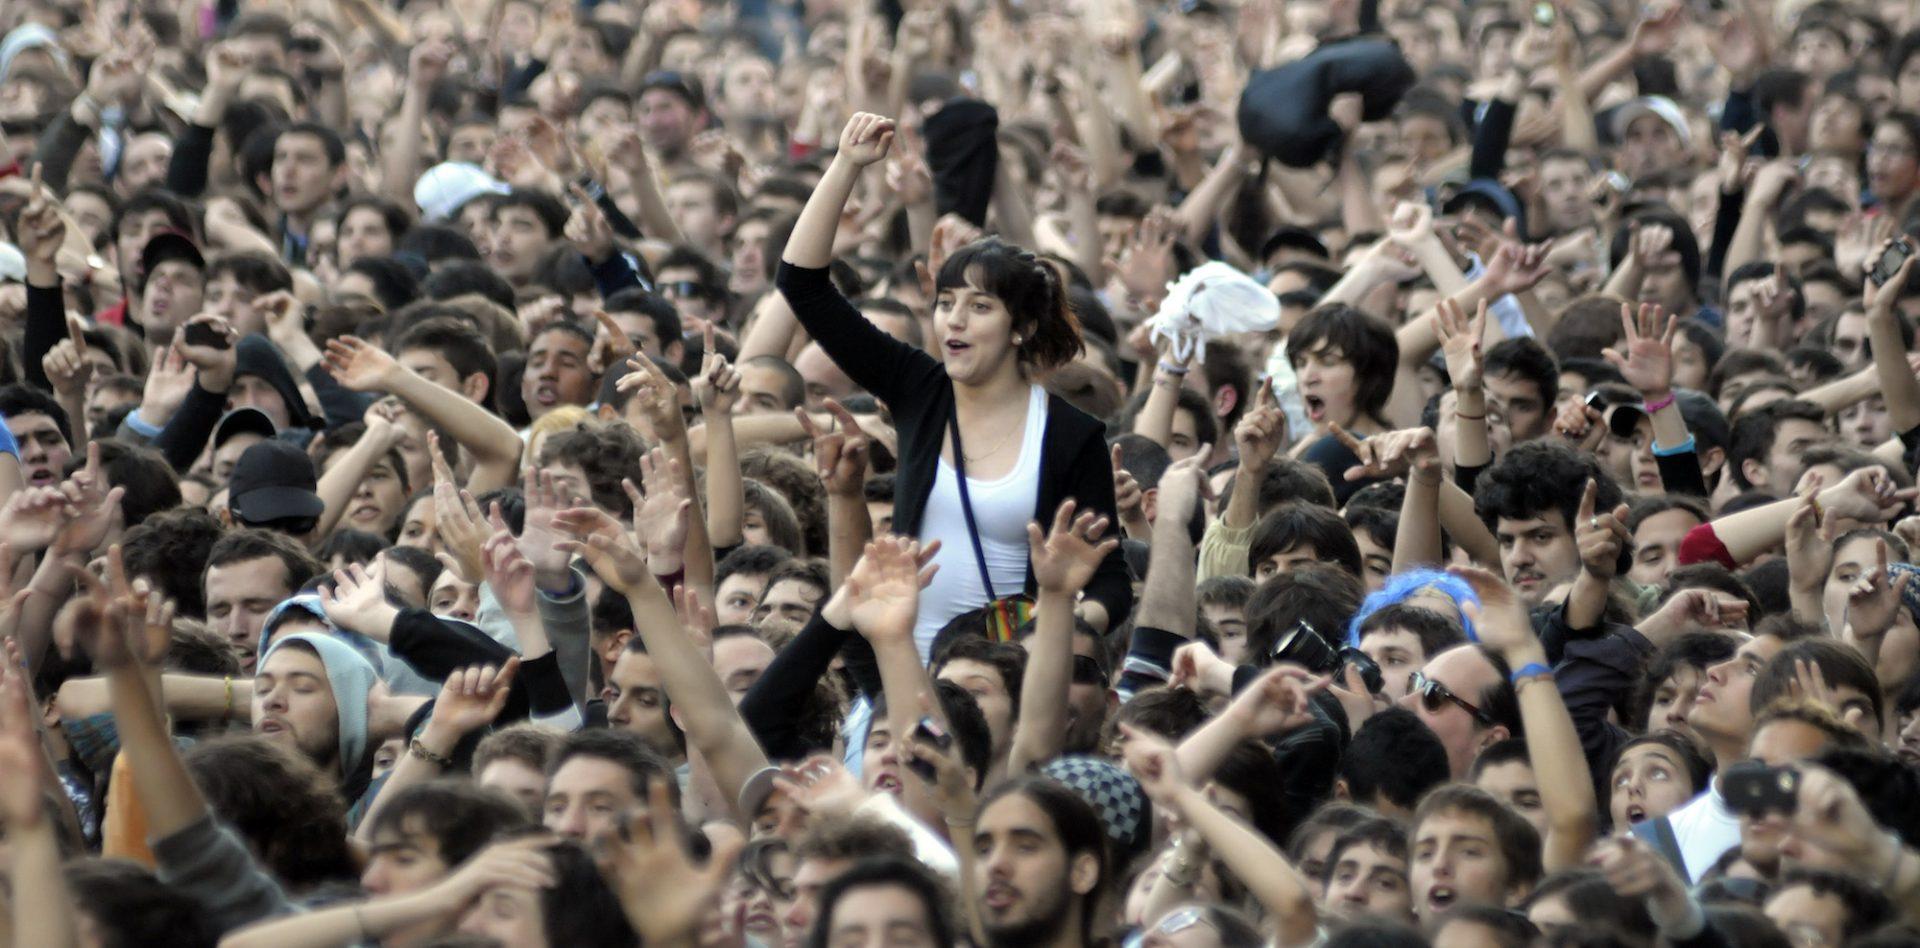 Atividades comemorativas do bicentenário do Uruguai. Dia 10 de outubro de 2011 Fotografia de Matilde Campodonico.